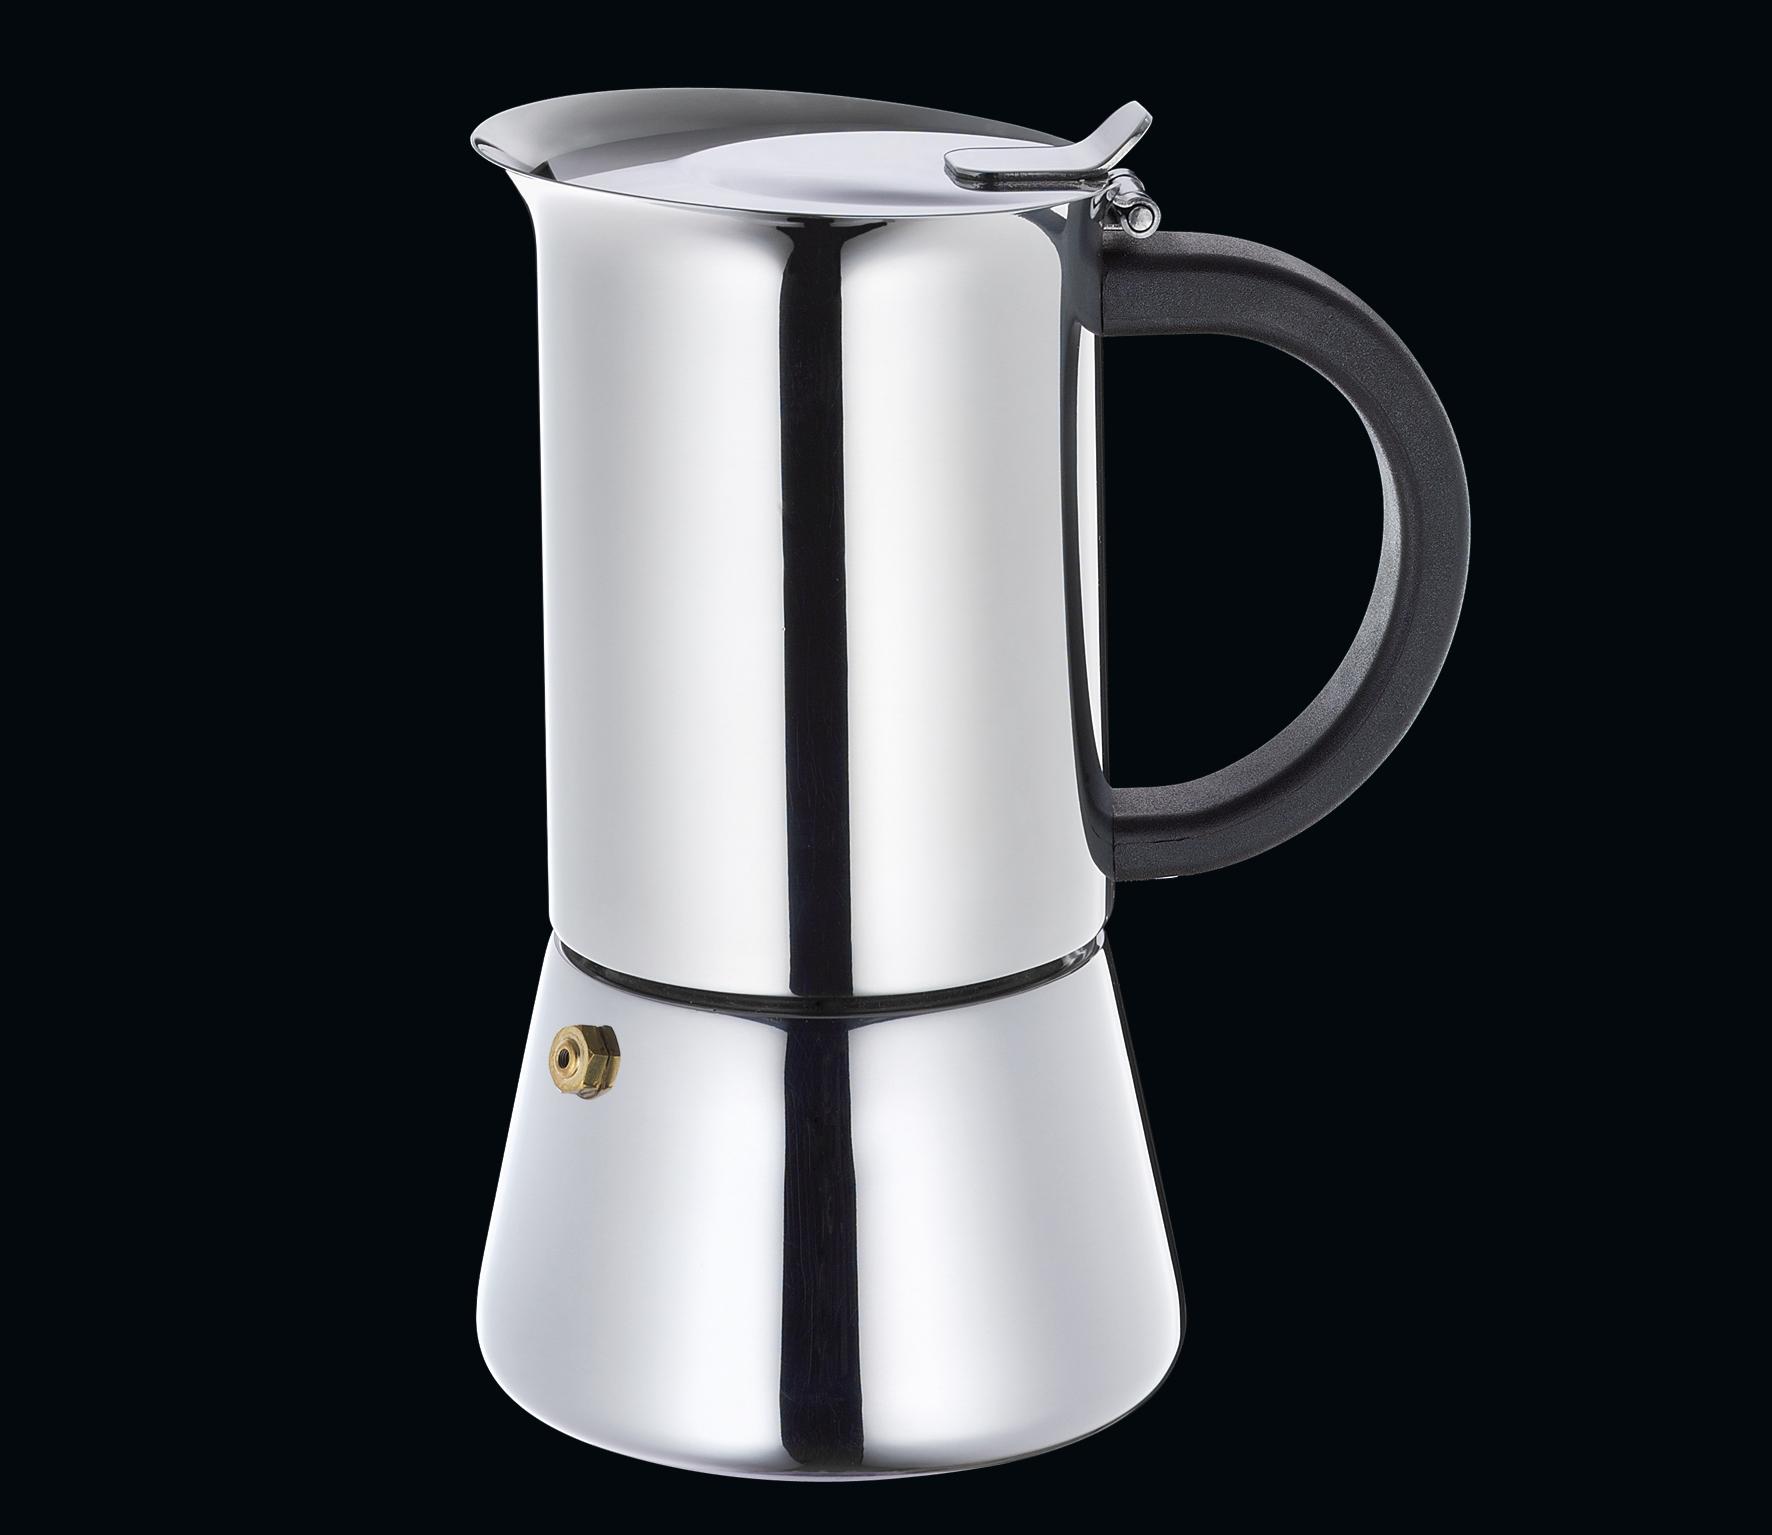 Kávovar na 4 šálky Rigoletto - Cilio